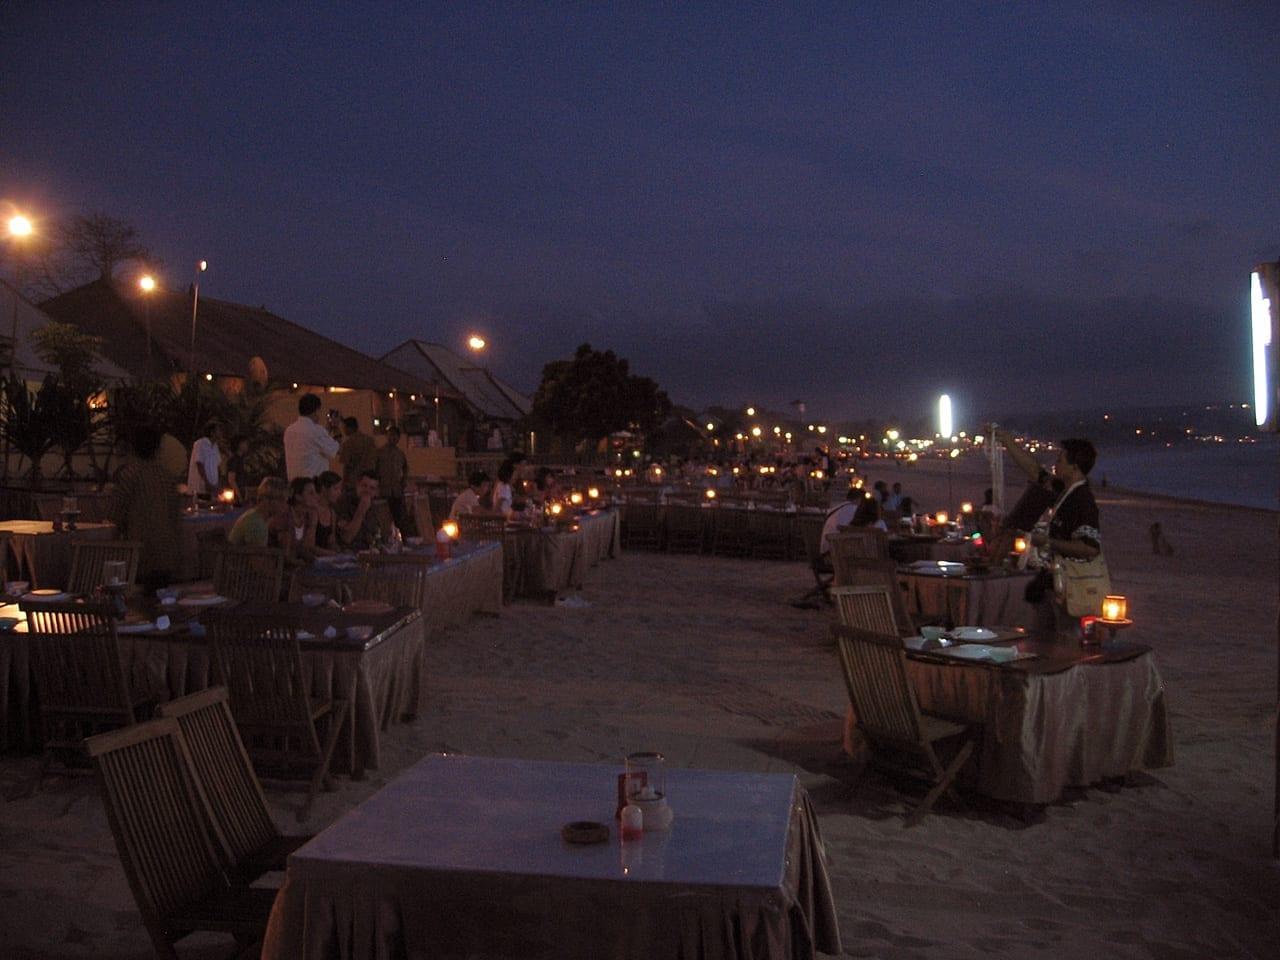 Uno de los más de 200 restaurantes de mariscos en la playa de Jimbaran Jimbaran, Bali Indonesia